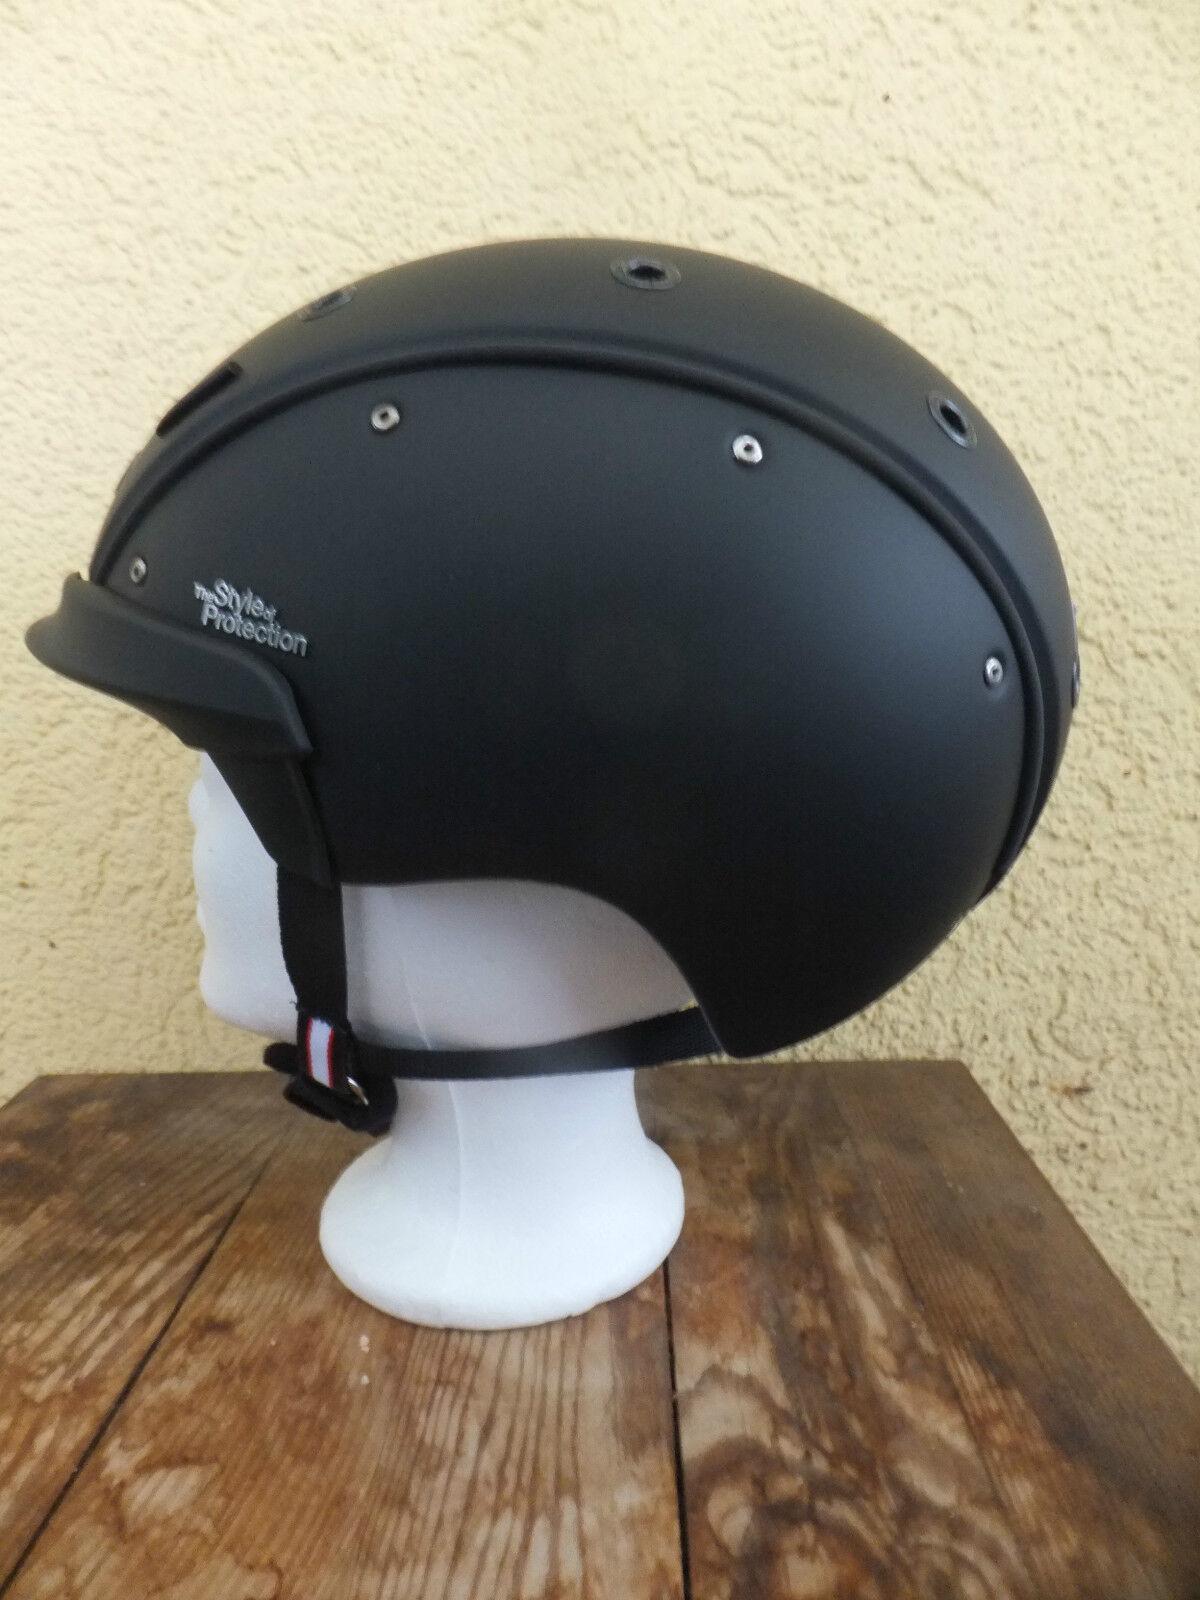 nuevos  casco Champ -  6 negro reithelm con sello vg1.01  marca